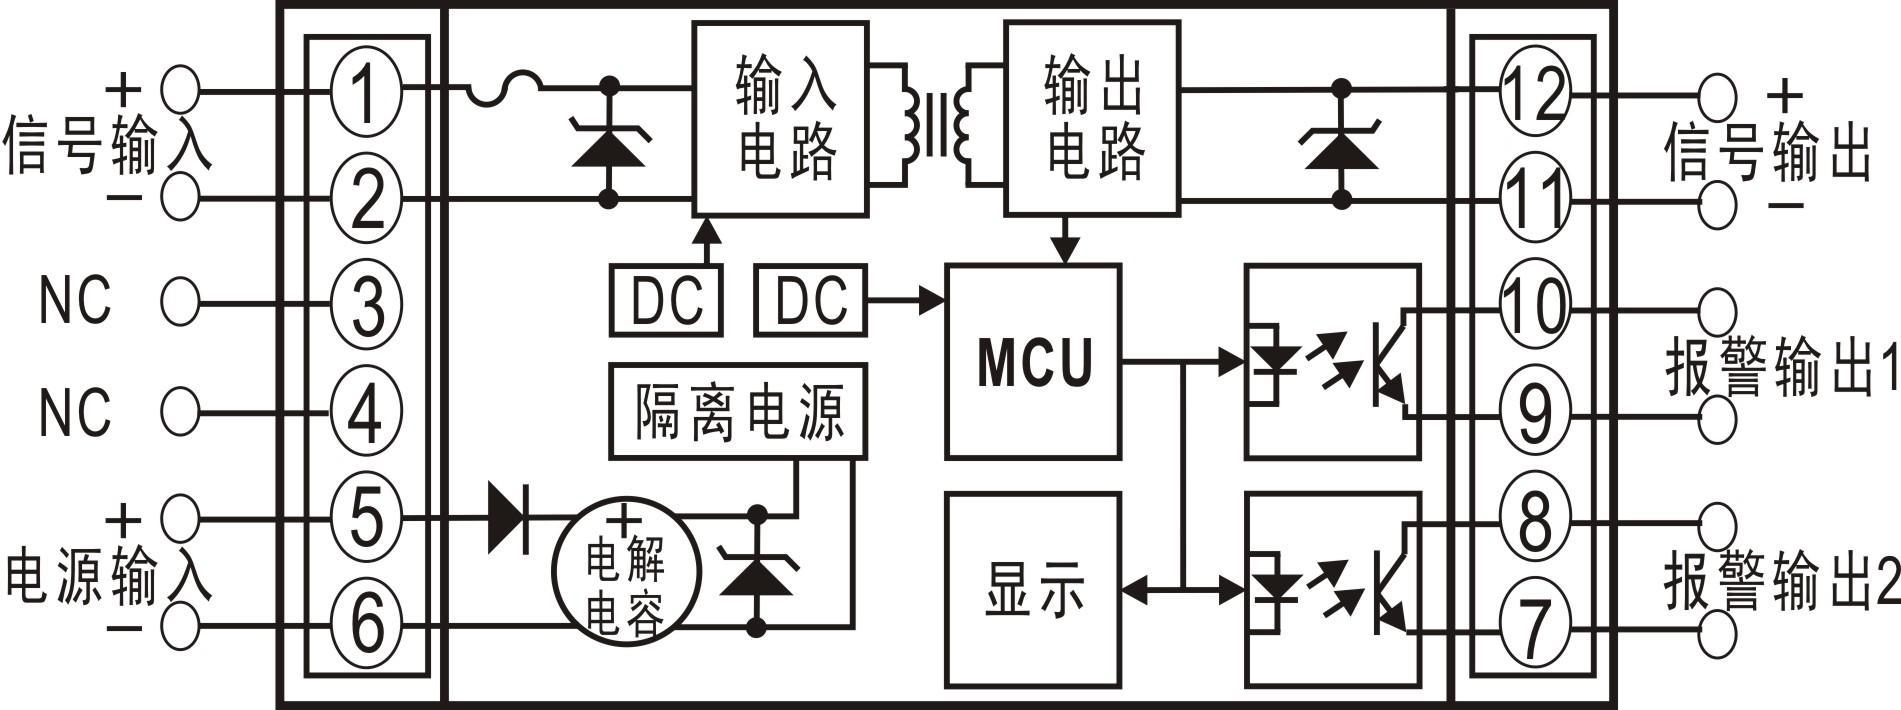 隔离变送器新品 有源隔离变送器 有源智能带显示隔离变送器